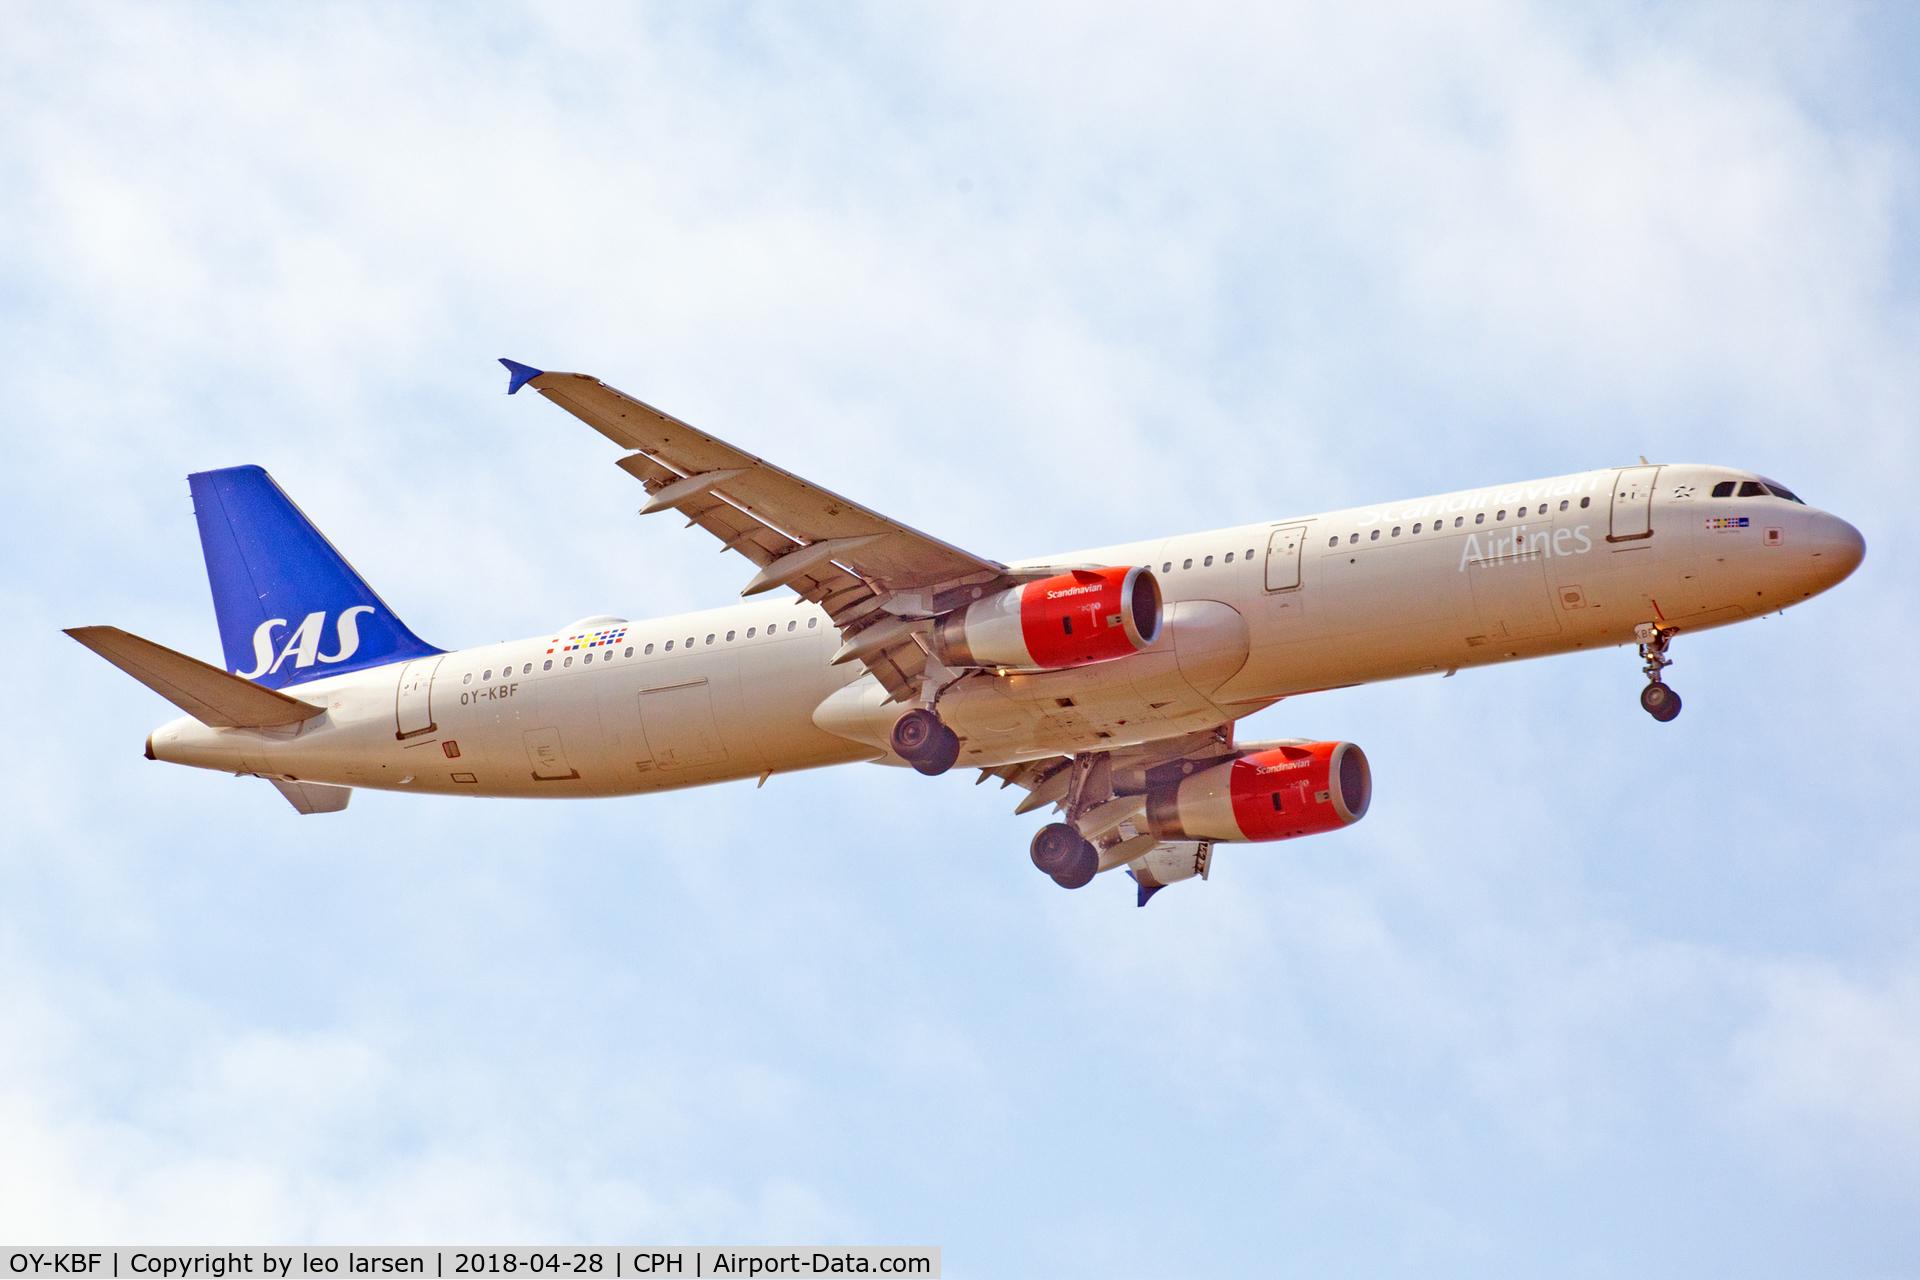 OY-KBF, 2002 Airbus A321-232 C/N 1807, Copenhagen 28.4.2018 app to R-04L